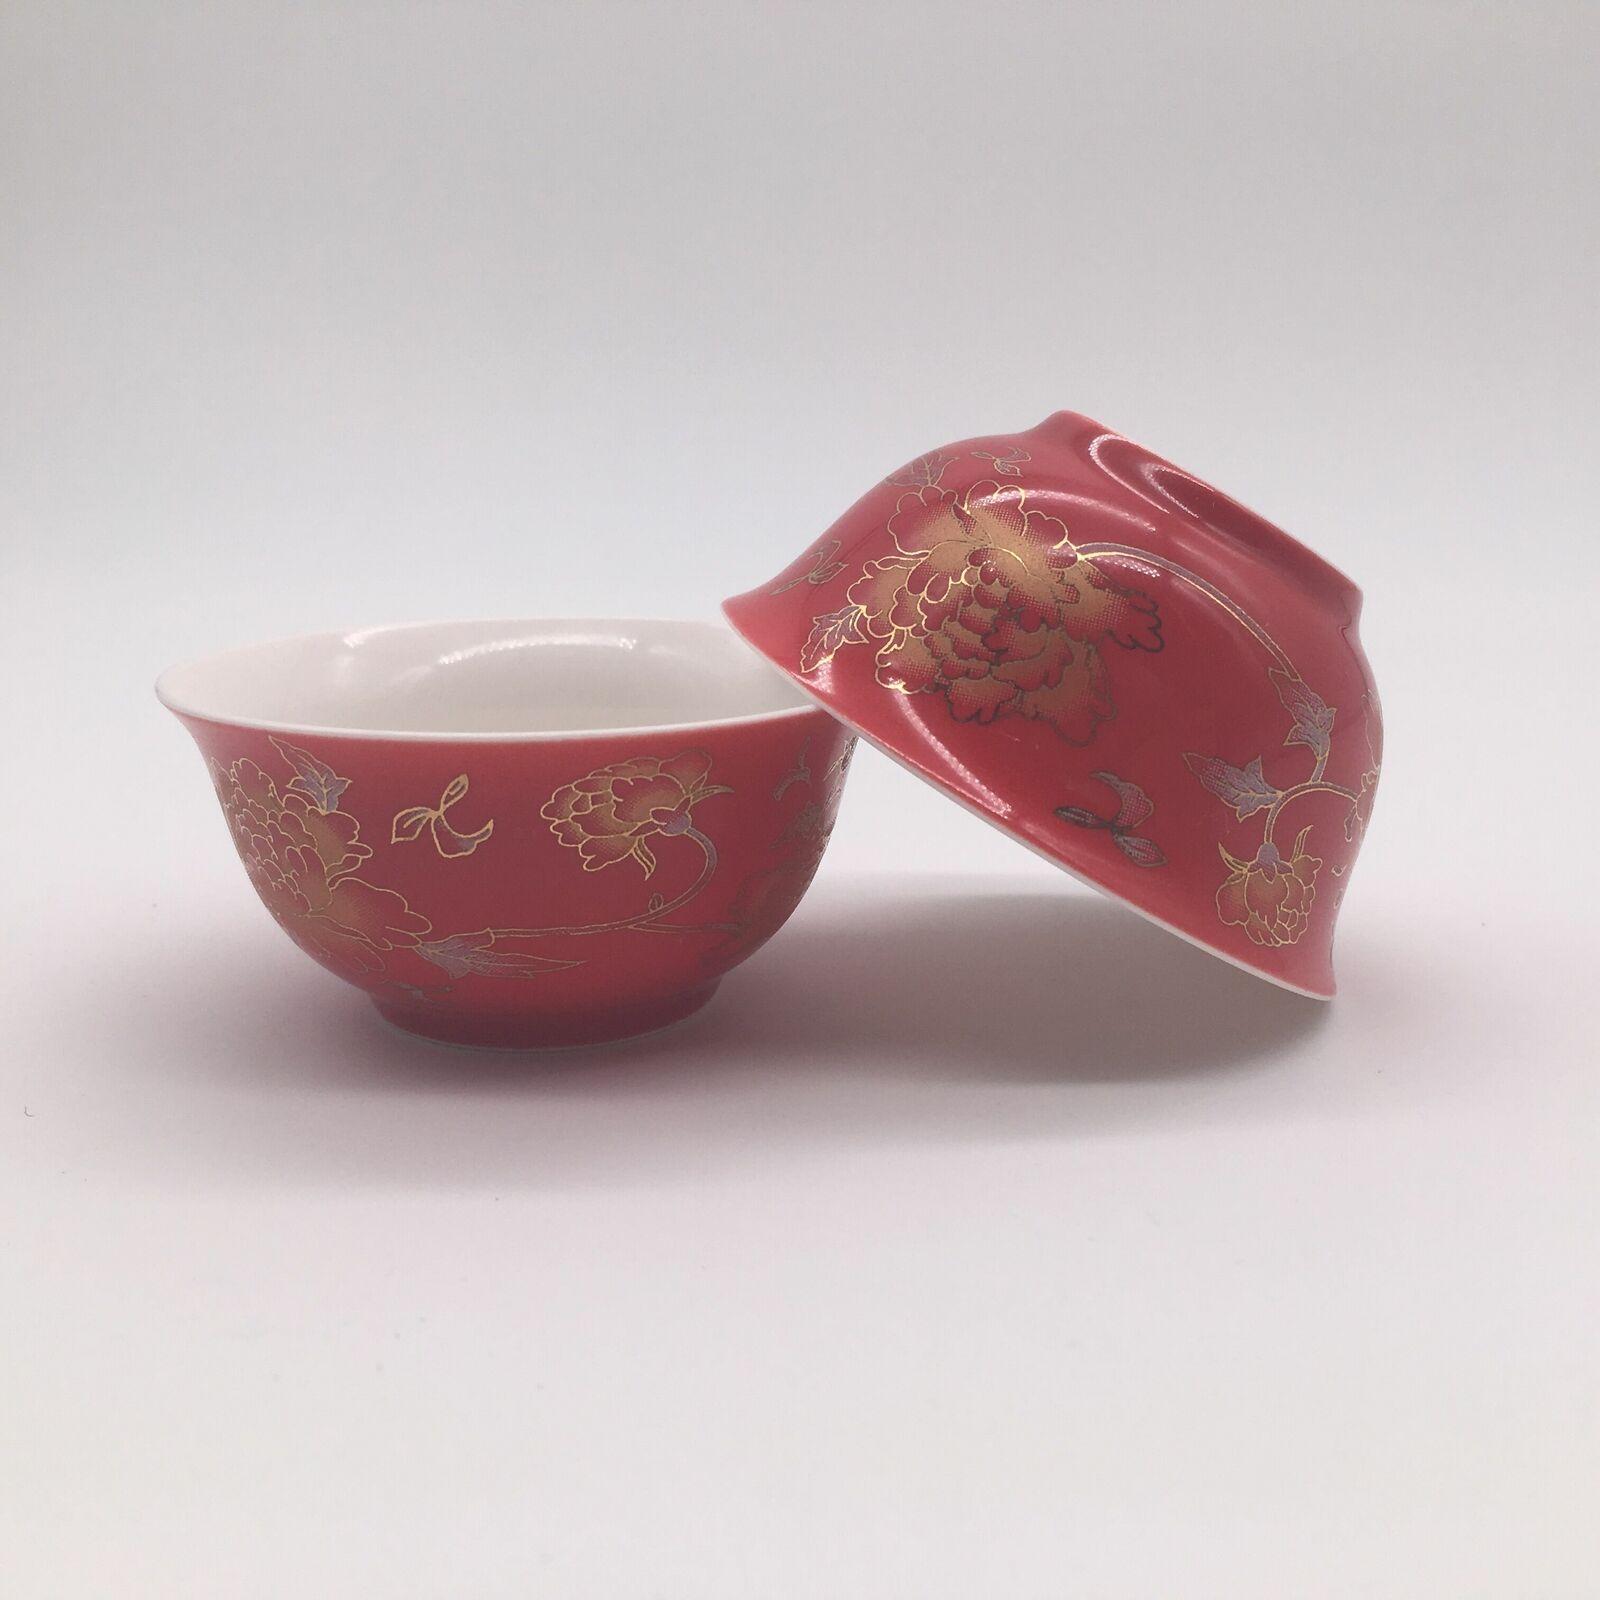 2pcs tea cups under glaze floral print porcelain kungfu tea